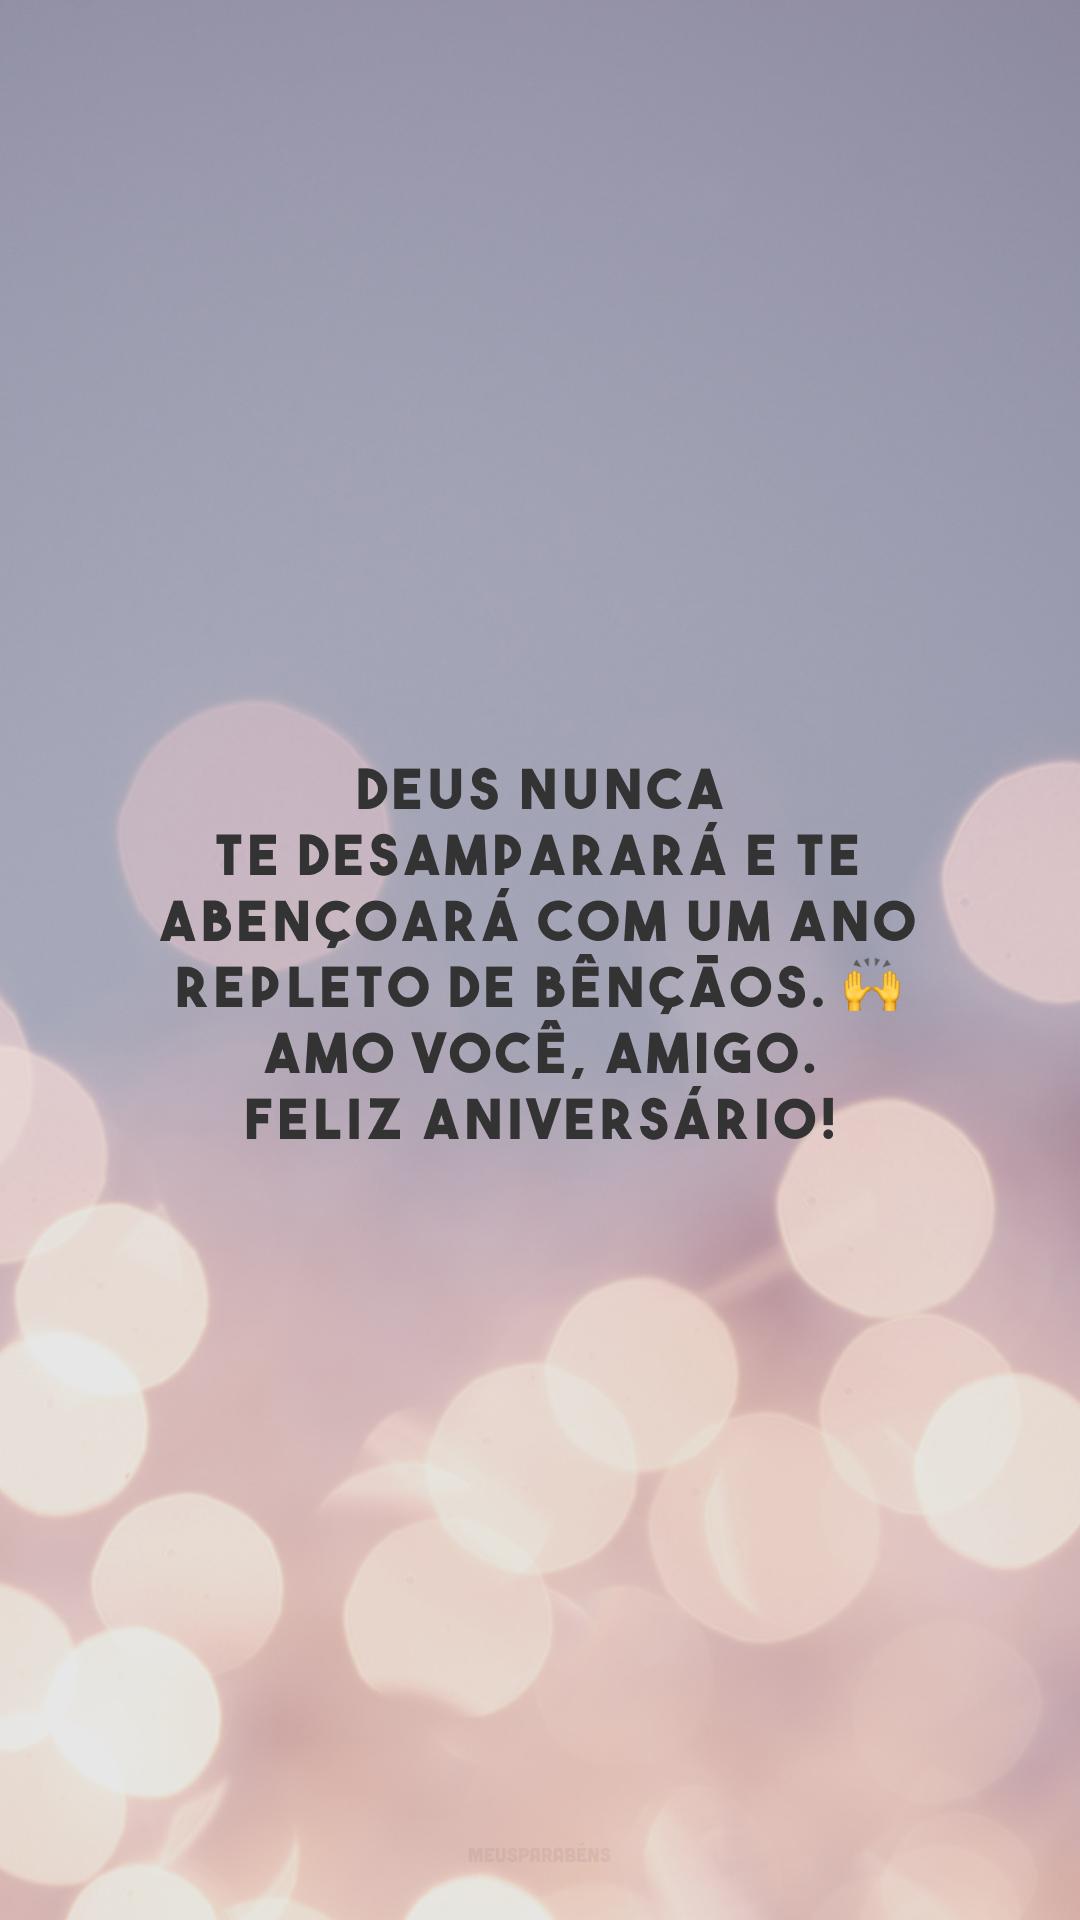 Deus nunca te desamparará e te abençoará com um ano repleto de bênçãos. 🙌 Amo você, amigo. Feliz aniversário!